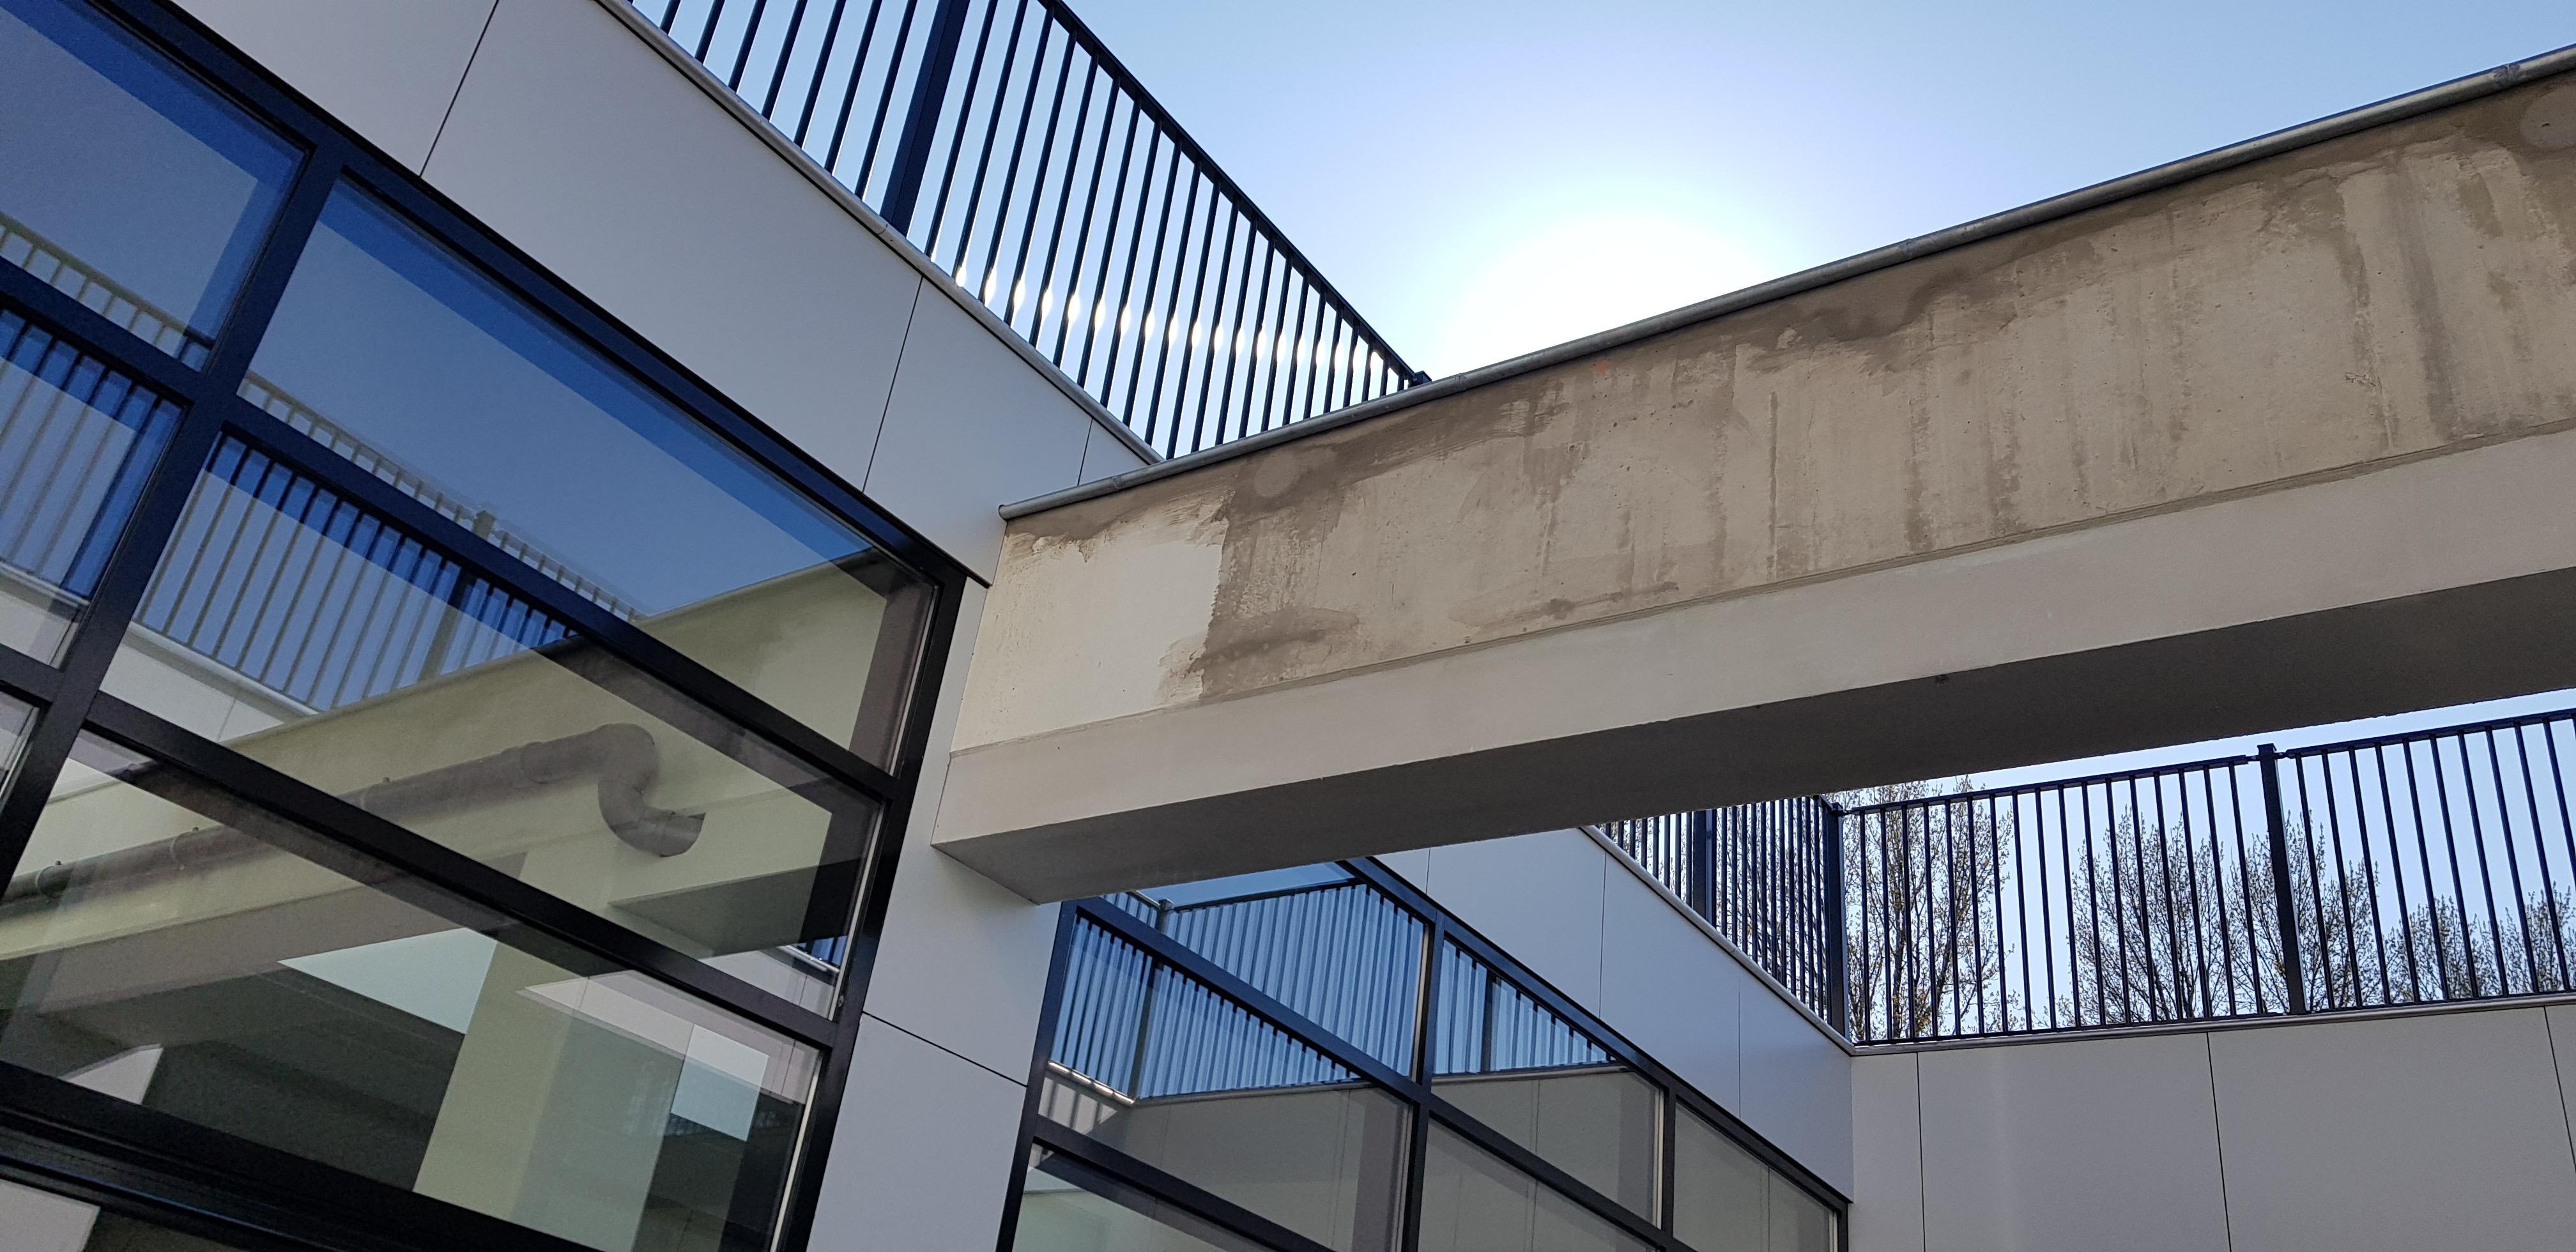 UFA Bouw_Renovatie_Generaal Vetterstraat_Bedrijfslofts_Patio naar dak